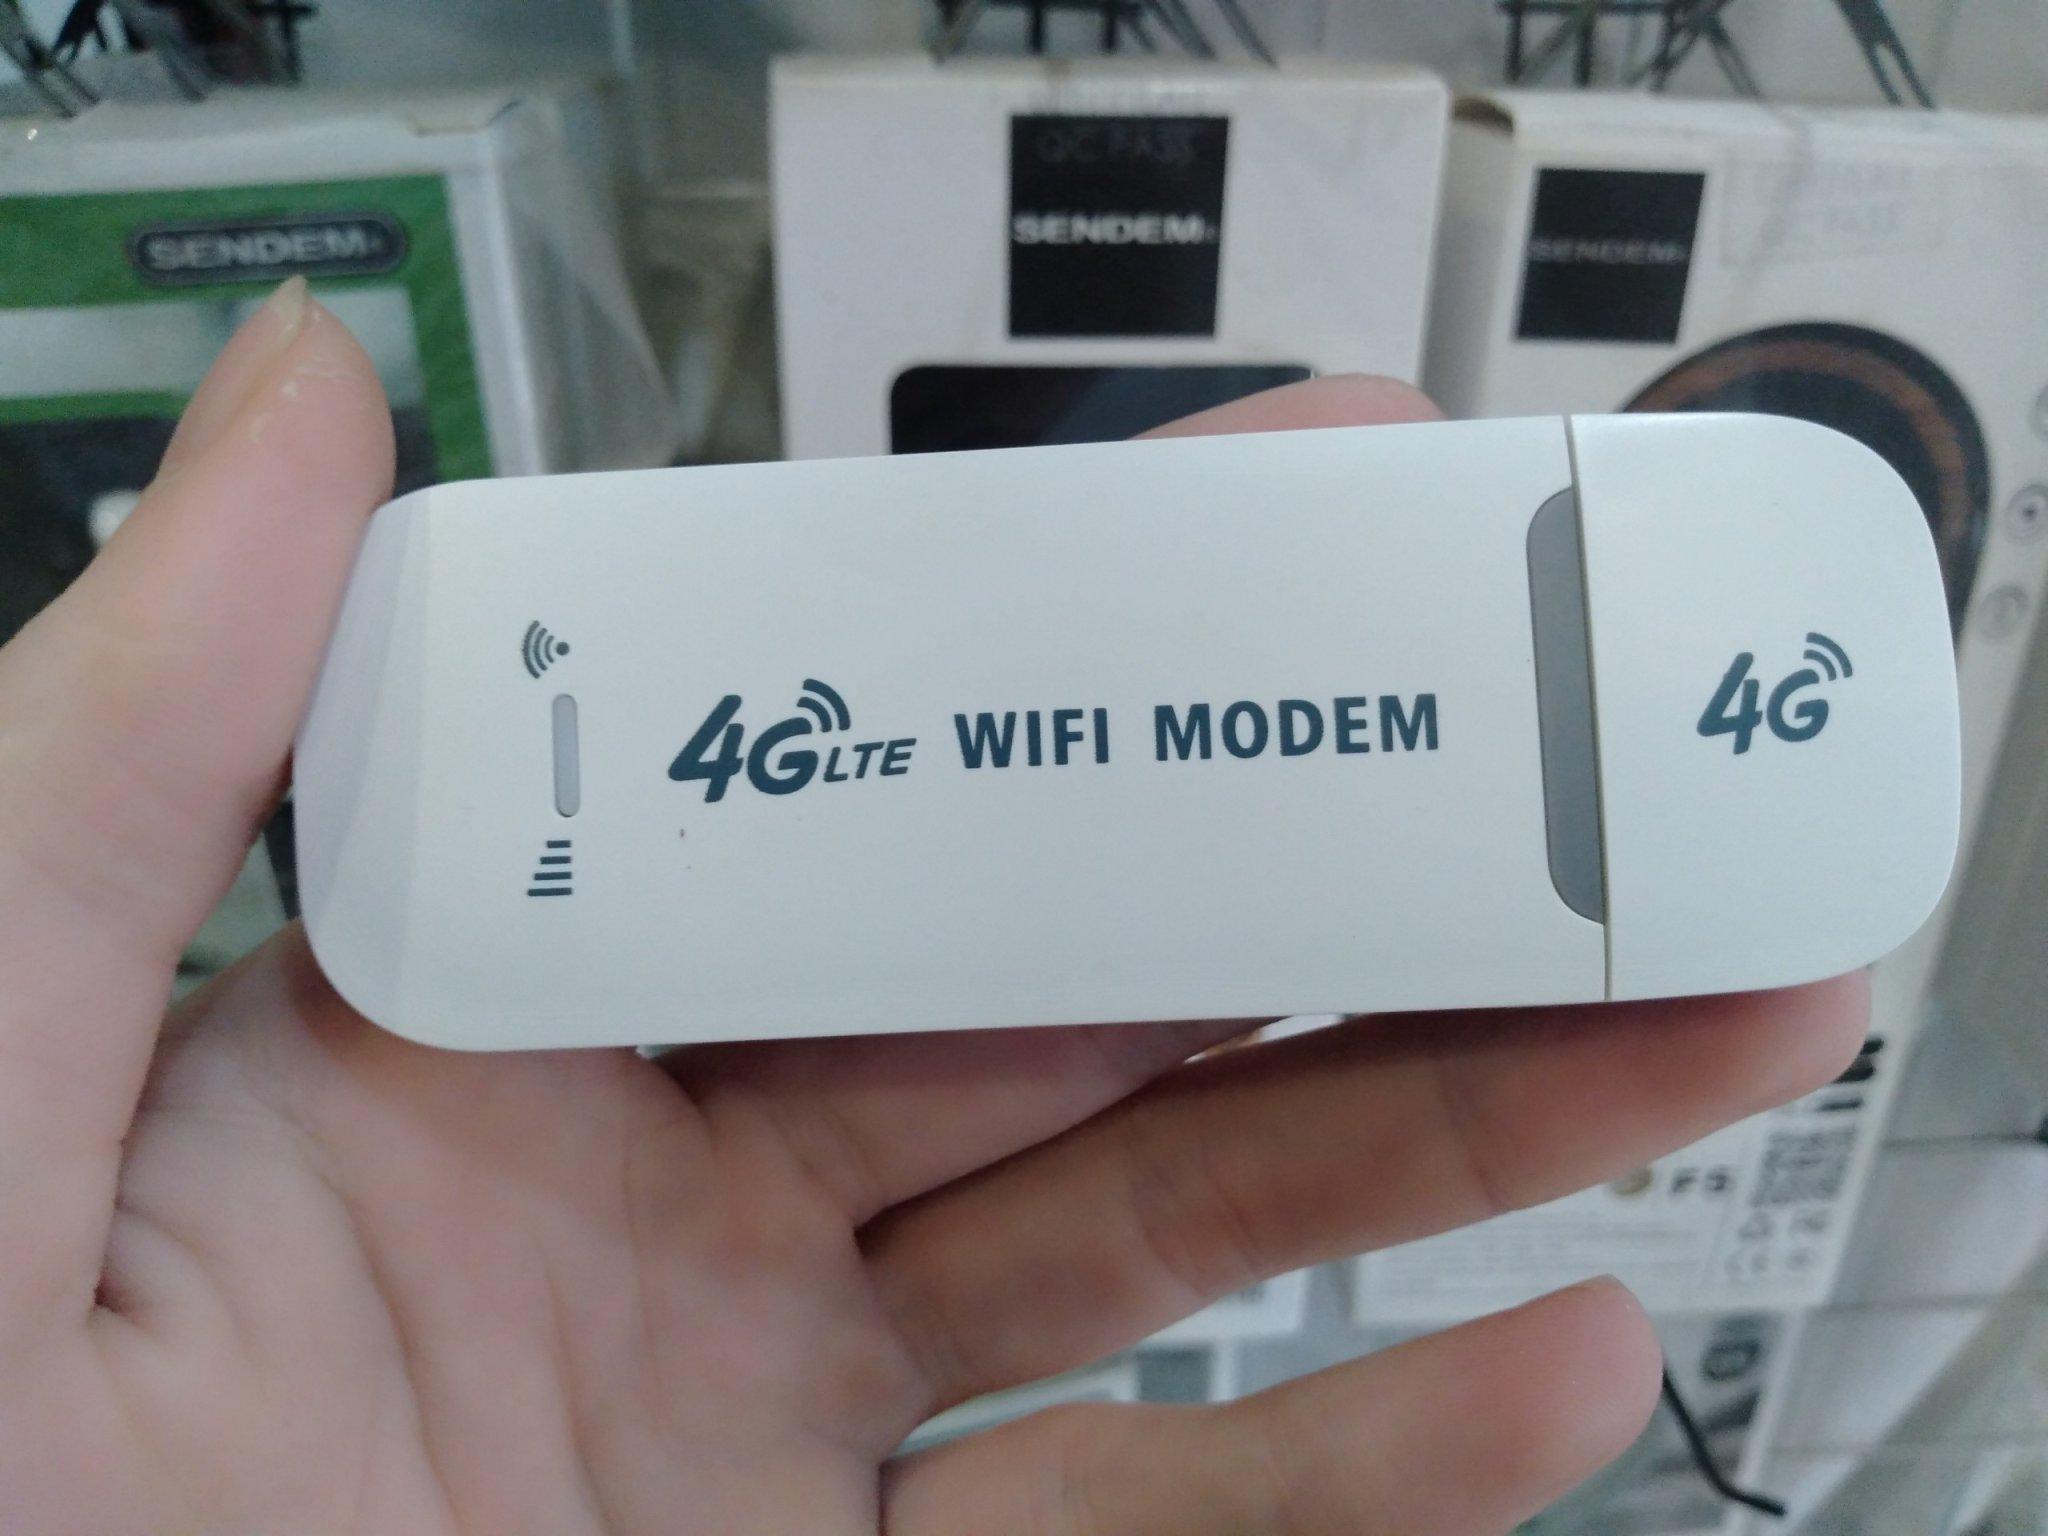 Giá USB lắp sim phát sóng WIFI 4G DONGLE 3 in 1 tốc độ cao nhỏ gọn và tiện dụng